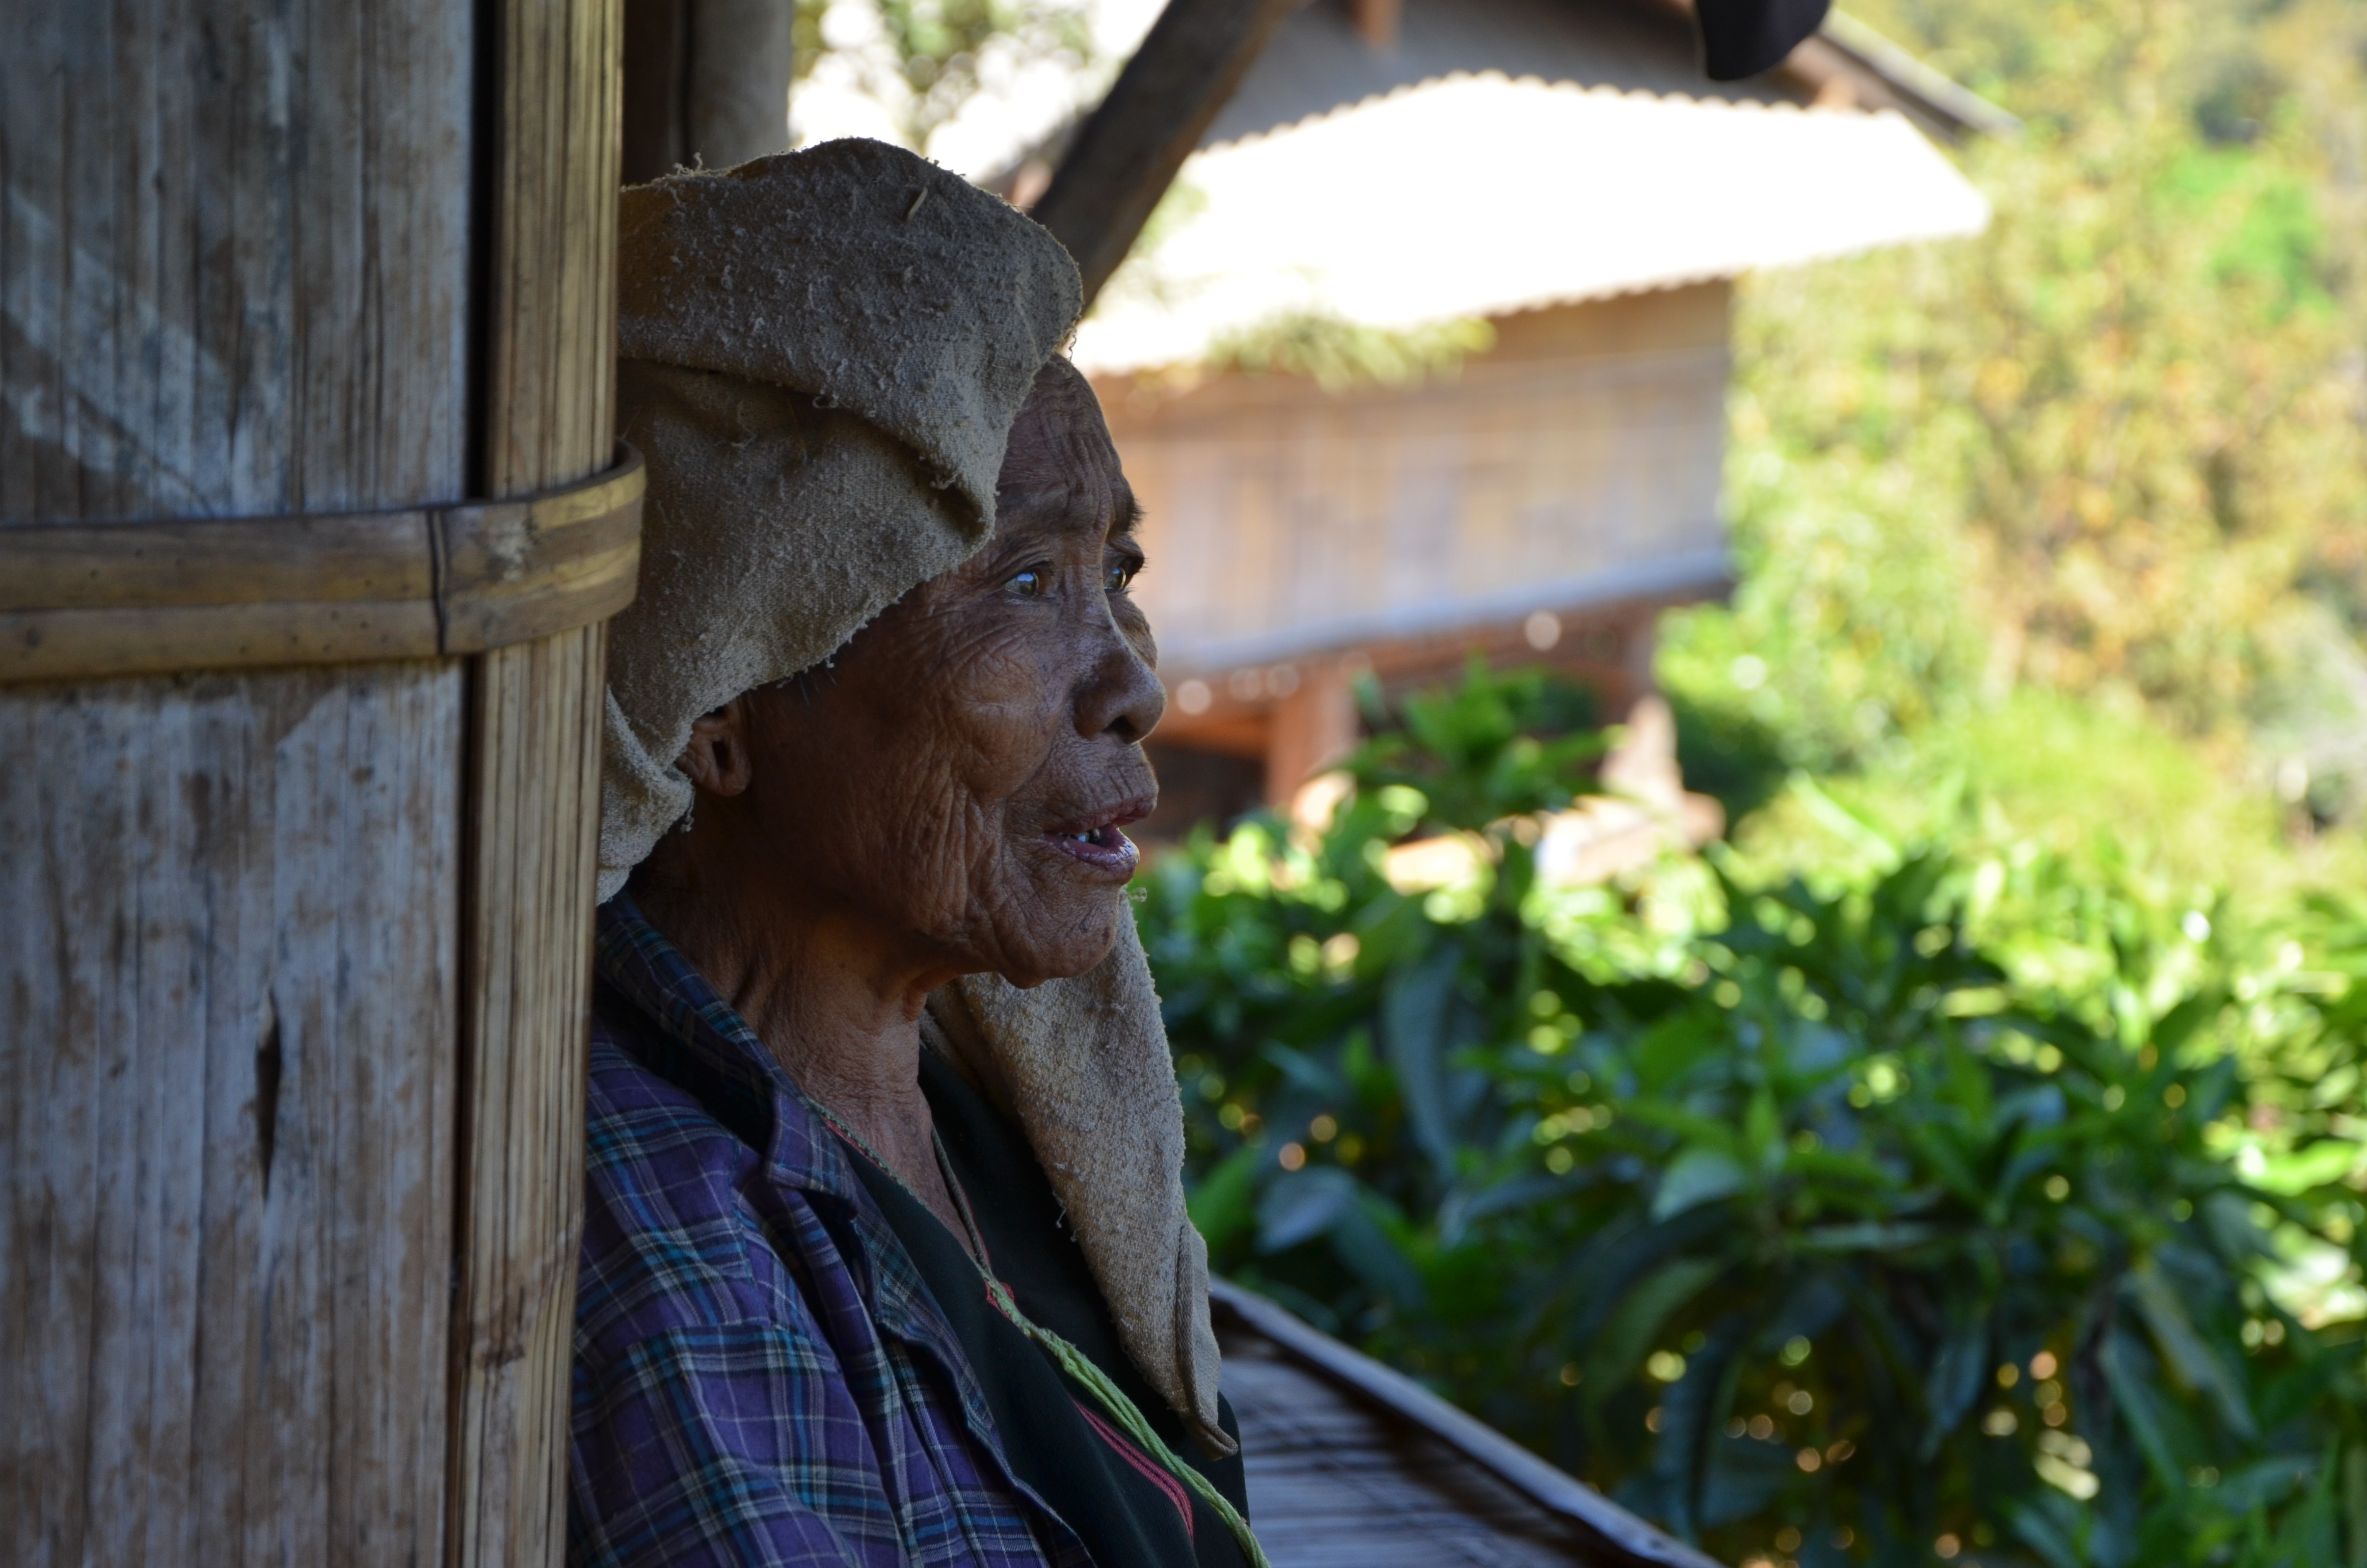 Нави и длинношеие женщины: поход в таиландские джунгли Нави и длинношеие женщины: поход в таиландские джунгли DSC 0925